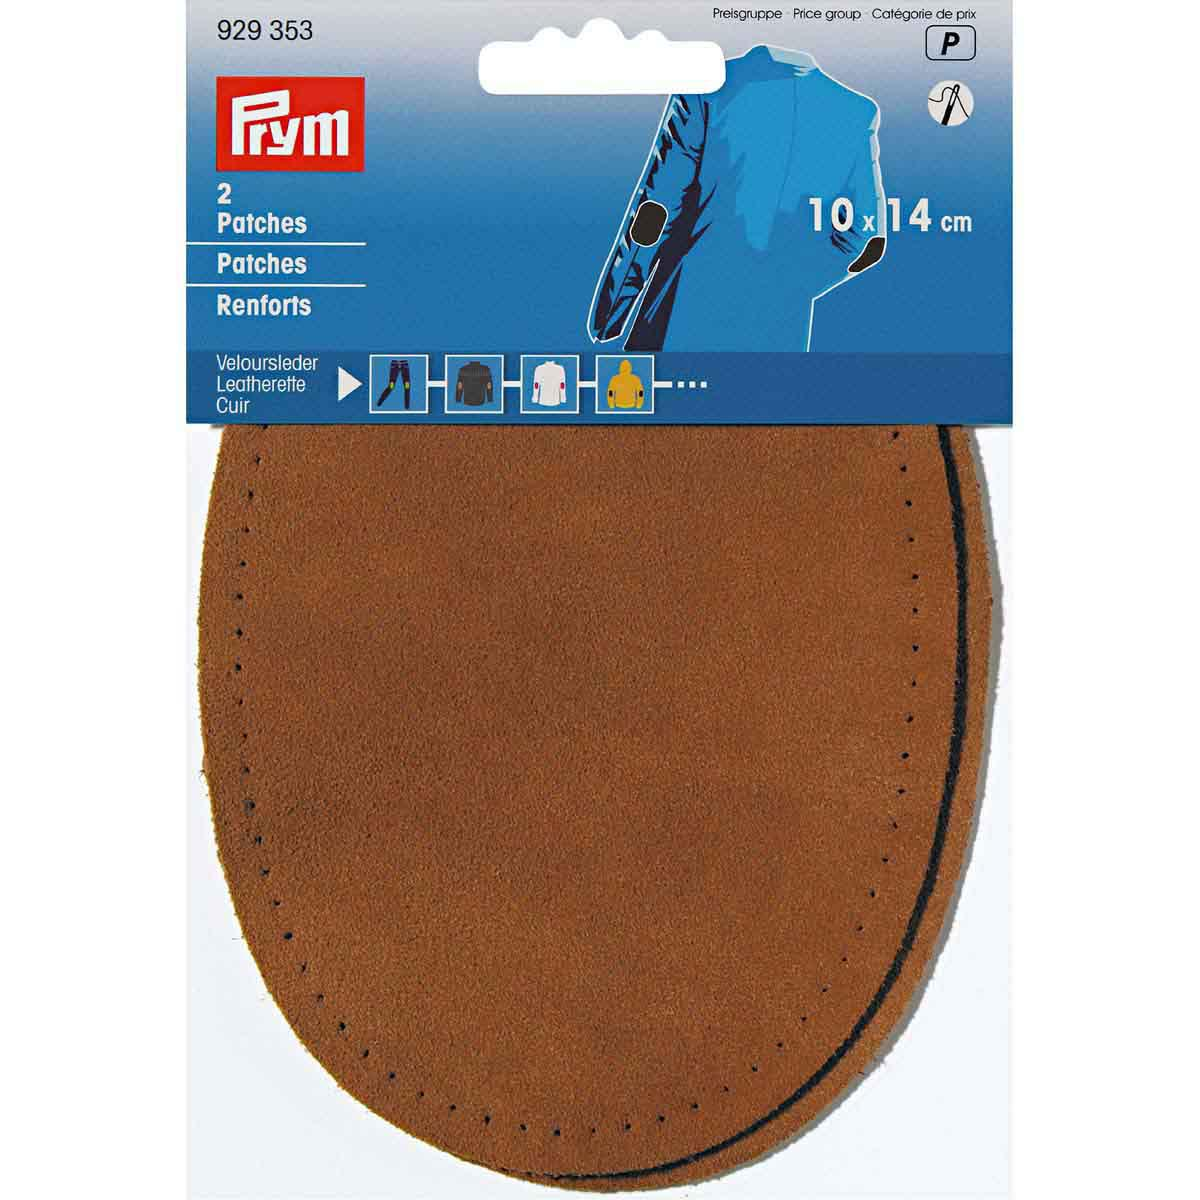 929353 Заплатки пришивные велюр-кожа 10*14см, 2шт, коричневый цв. Prym